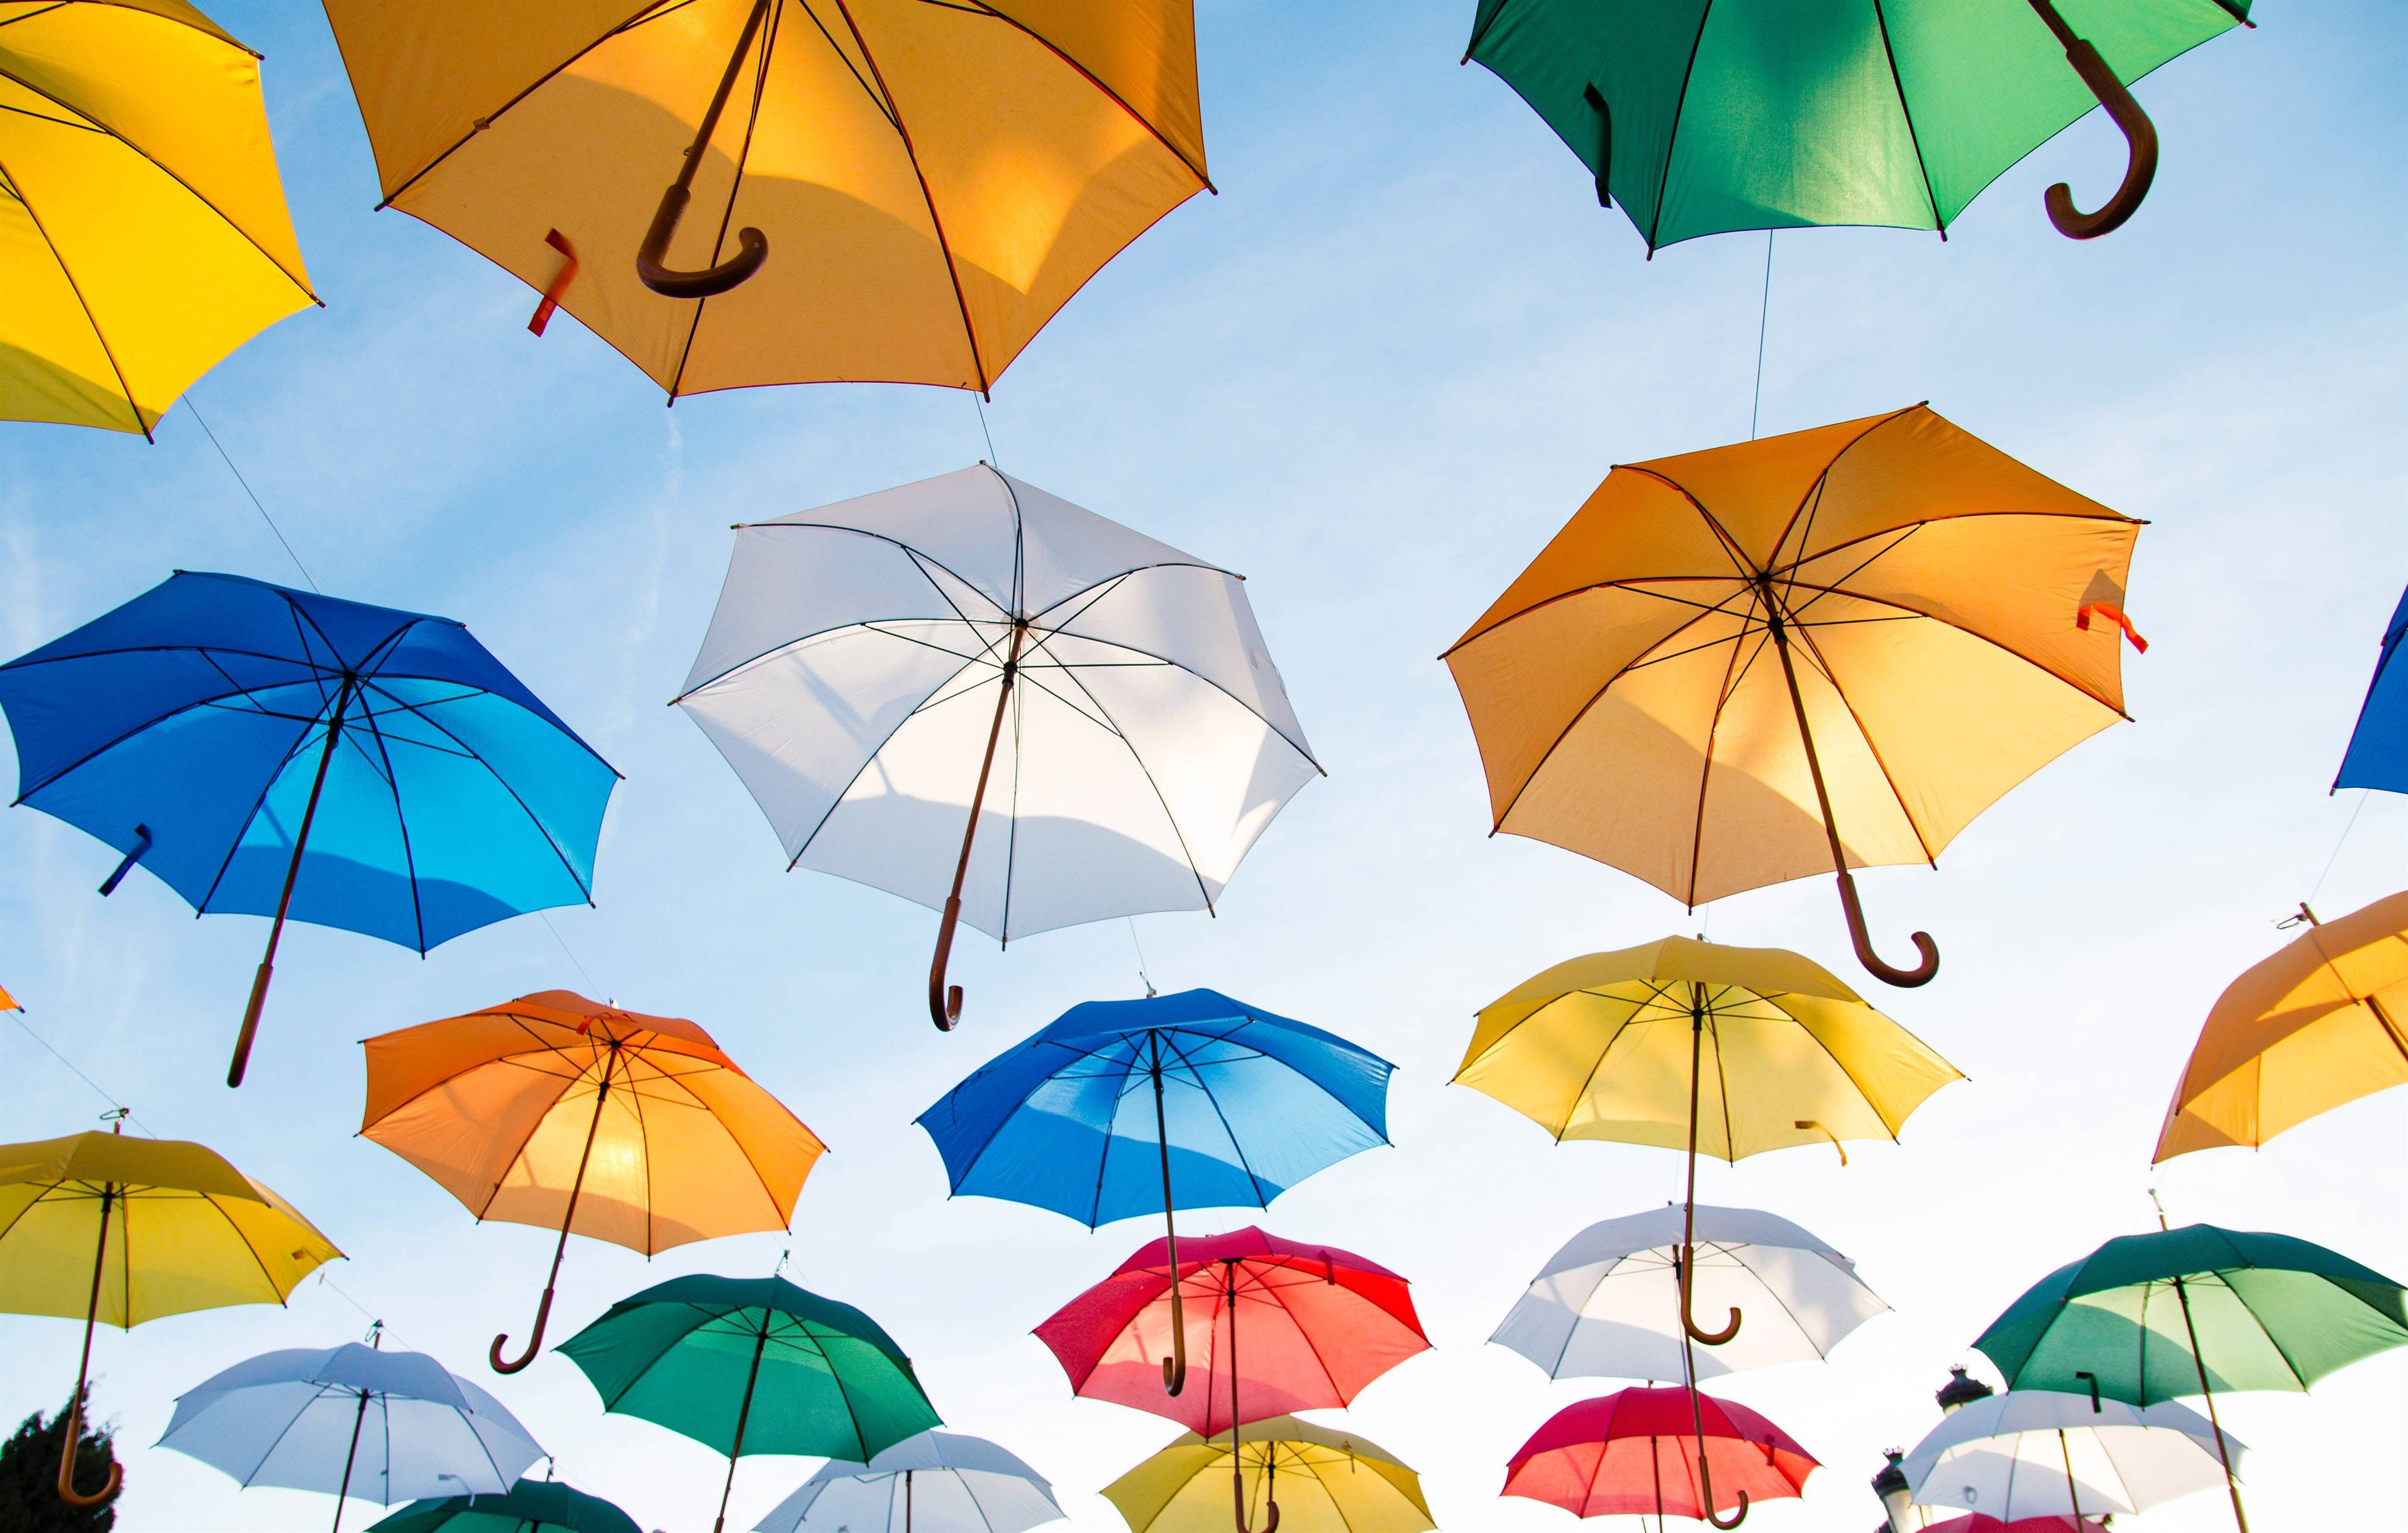 umbrellas hanging in sky